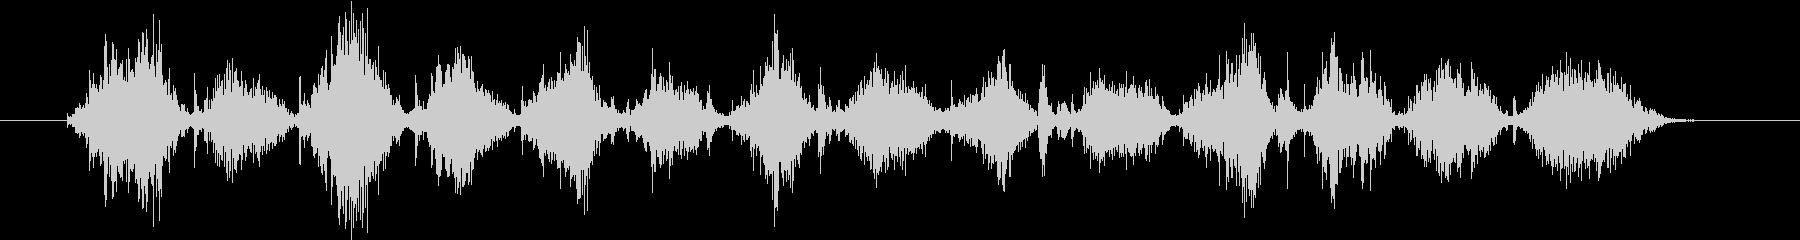 クロスカットハンドソー:2 X 4...の未再生の波形